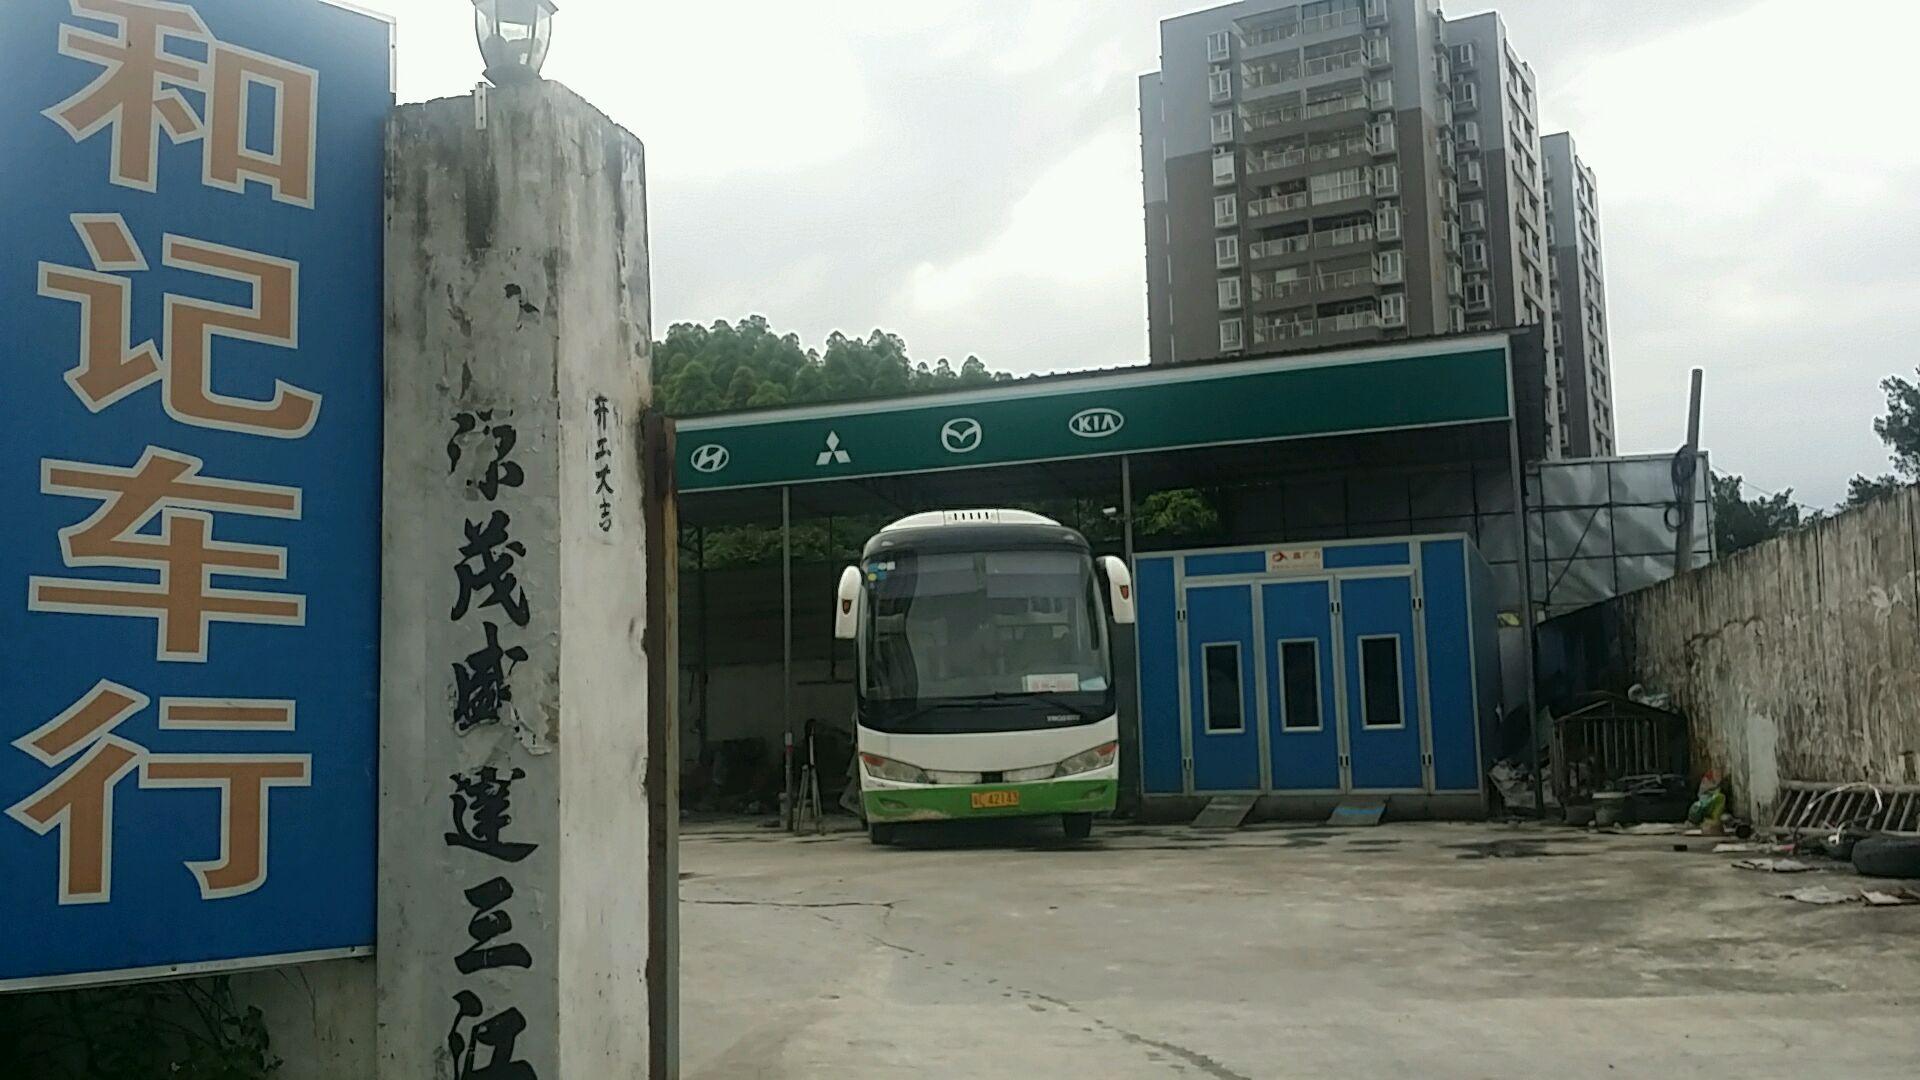 宁波市政府招待所